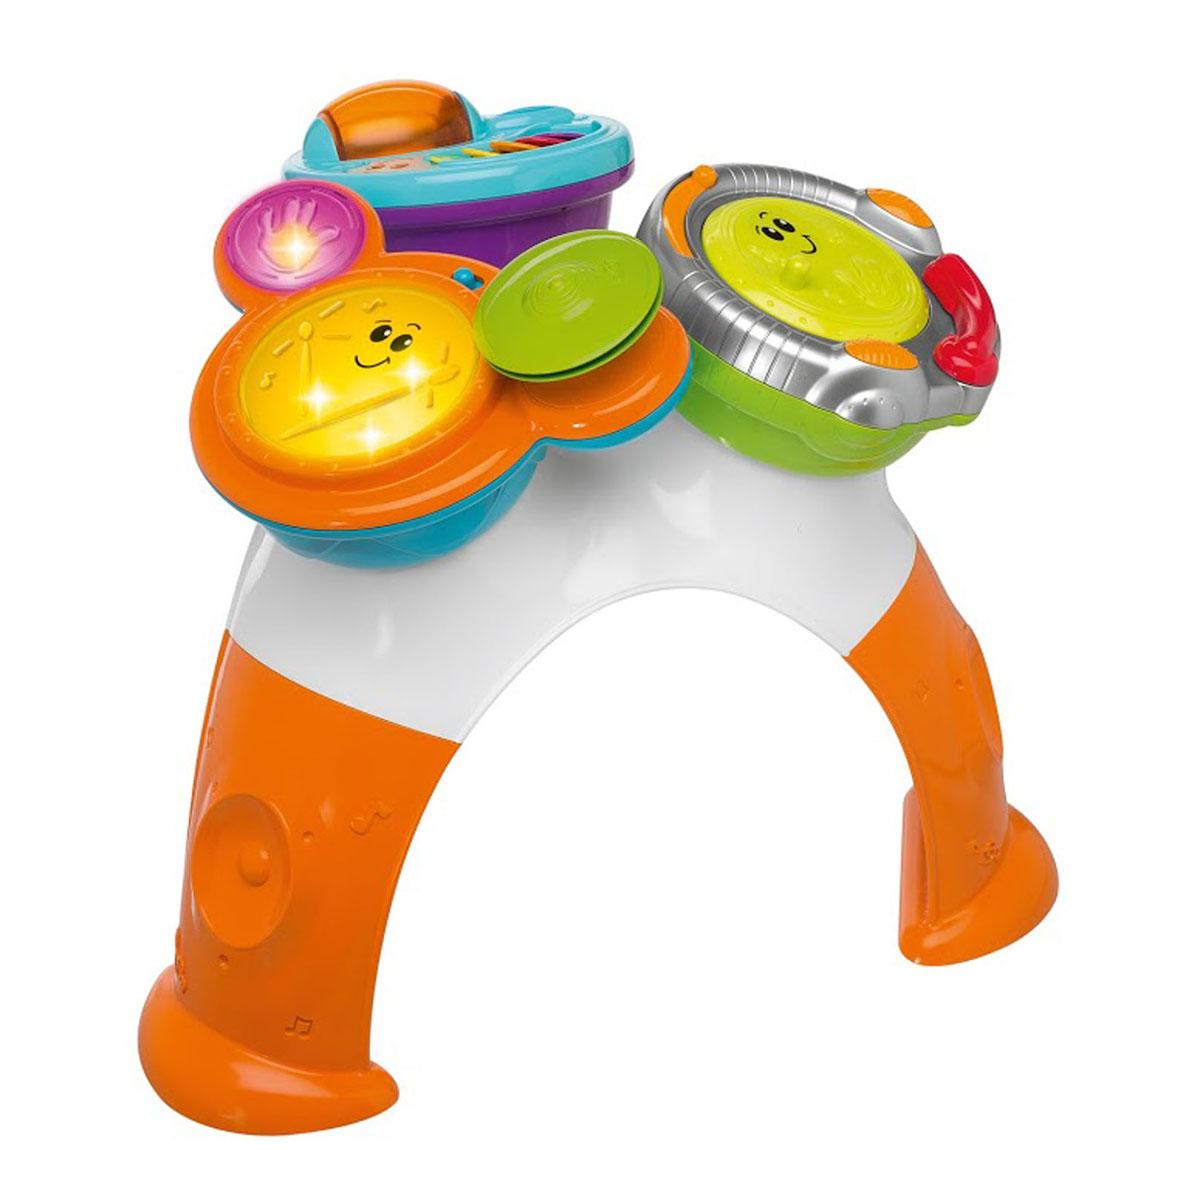 Музыкальный игровой столик Chicco Rock Band00005224000000Музыкальный игровой столик Chicco Rock Band не позволит скучать вашему малышу. Он выполнен из прочного безопасного пластика ярких цветов. На столешнице крепятся три элемента. Один из них представляет собой ди-джейский пульт, на котором диск вращается со скретч-эффектом, бегунок передвигается из стороны в сторону со звуком трещотки. На другом элементе расположены разноцветные створки с нотками и прозрачная вращающаяся сфера. Внутри нее находятся маленькие шарики, которые перекатываются и задорно гремят при вращении. Третий элемент со световыми эффектами выполнен в виде барабанной установки с тарелками. Она предусматривает три режима: Создай ритм - ребенок свободно играет на барабанах, извлекая различные звуковые эффекты, выражая свое творческое начало. Придерживайся такта - малыш старается играть на ударных в такт мелодии. Сочини песню - ребенок сочиняет собственные произведения в различных стилях. Элементы легко снимаются, ими можно играть отдельно. ...